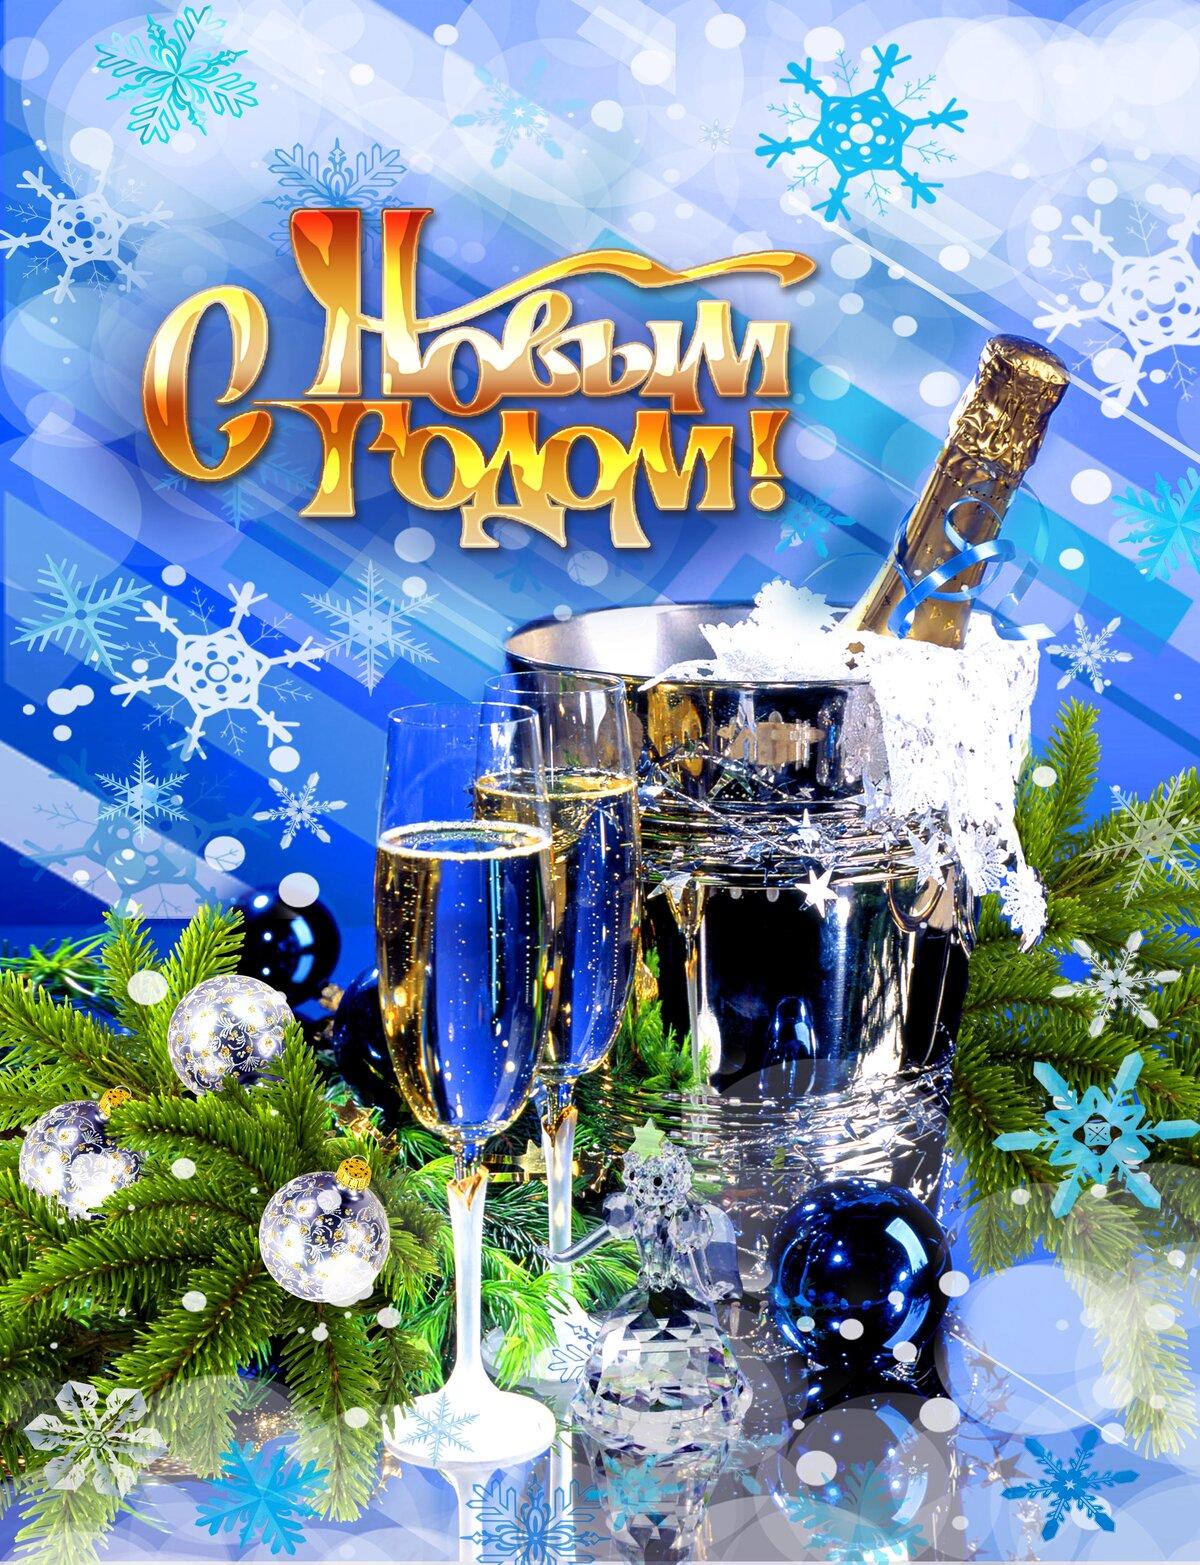 Программы с новогодними открытками, поздравления